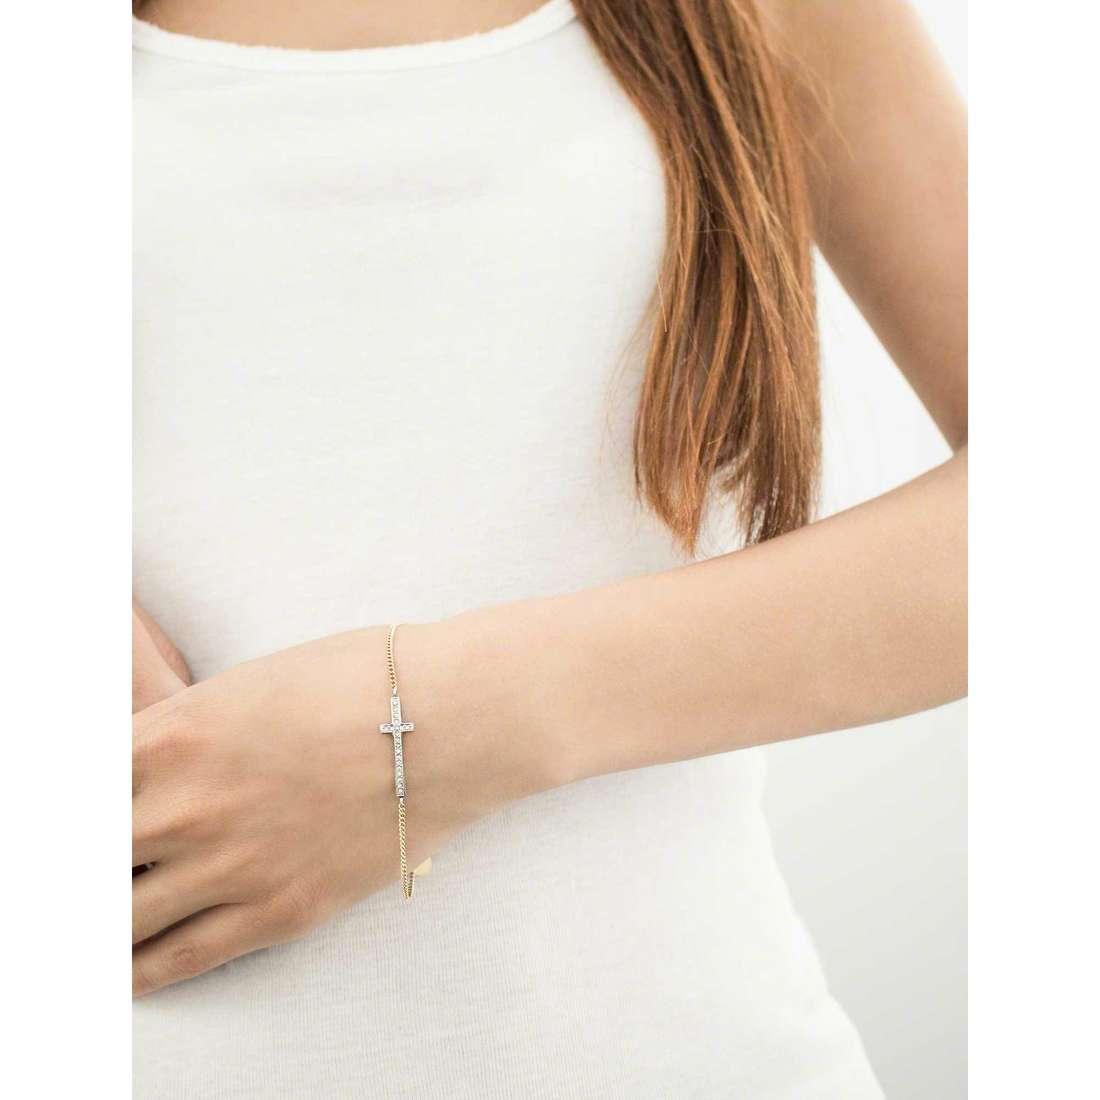 Morellato bracciali Mini donna SAGG03 indosso